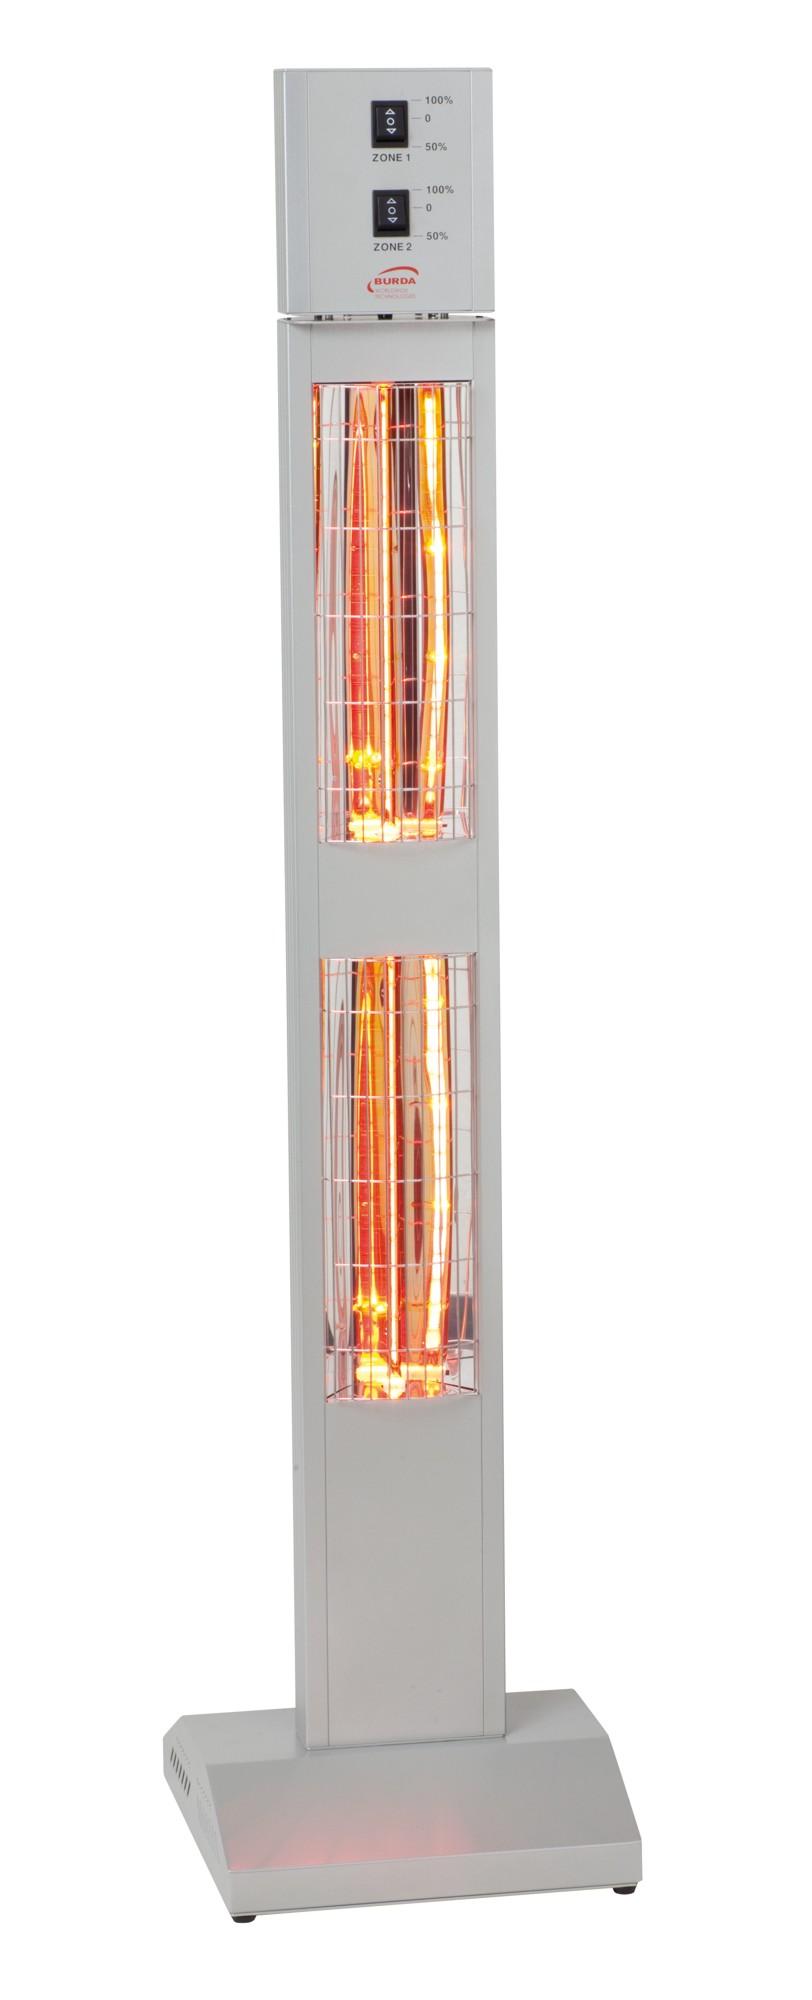 BURDA Smart Tower 2x 1,5 kW, stříbrný (Infrazářič)